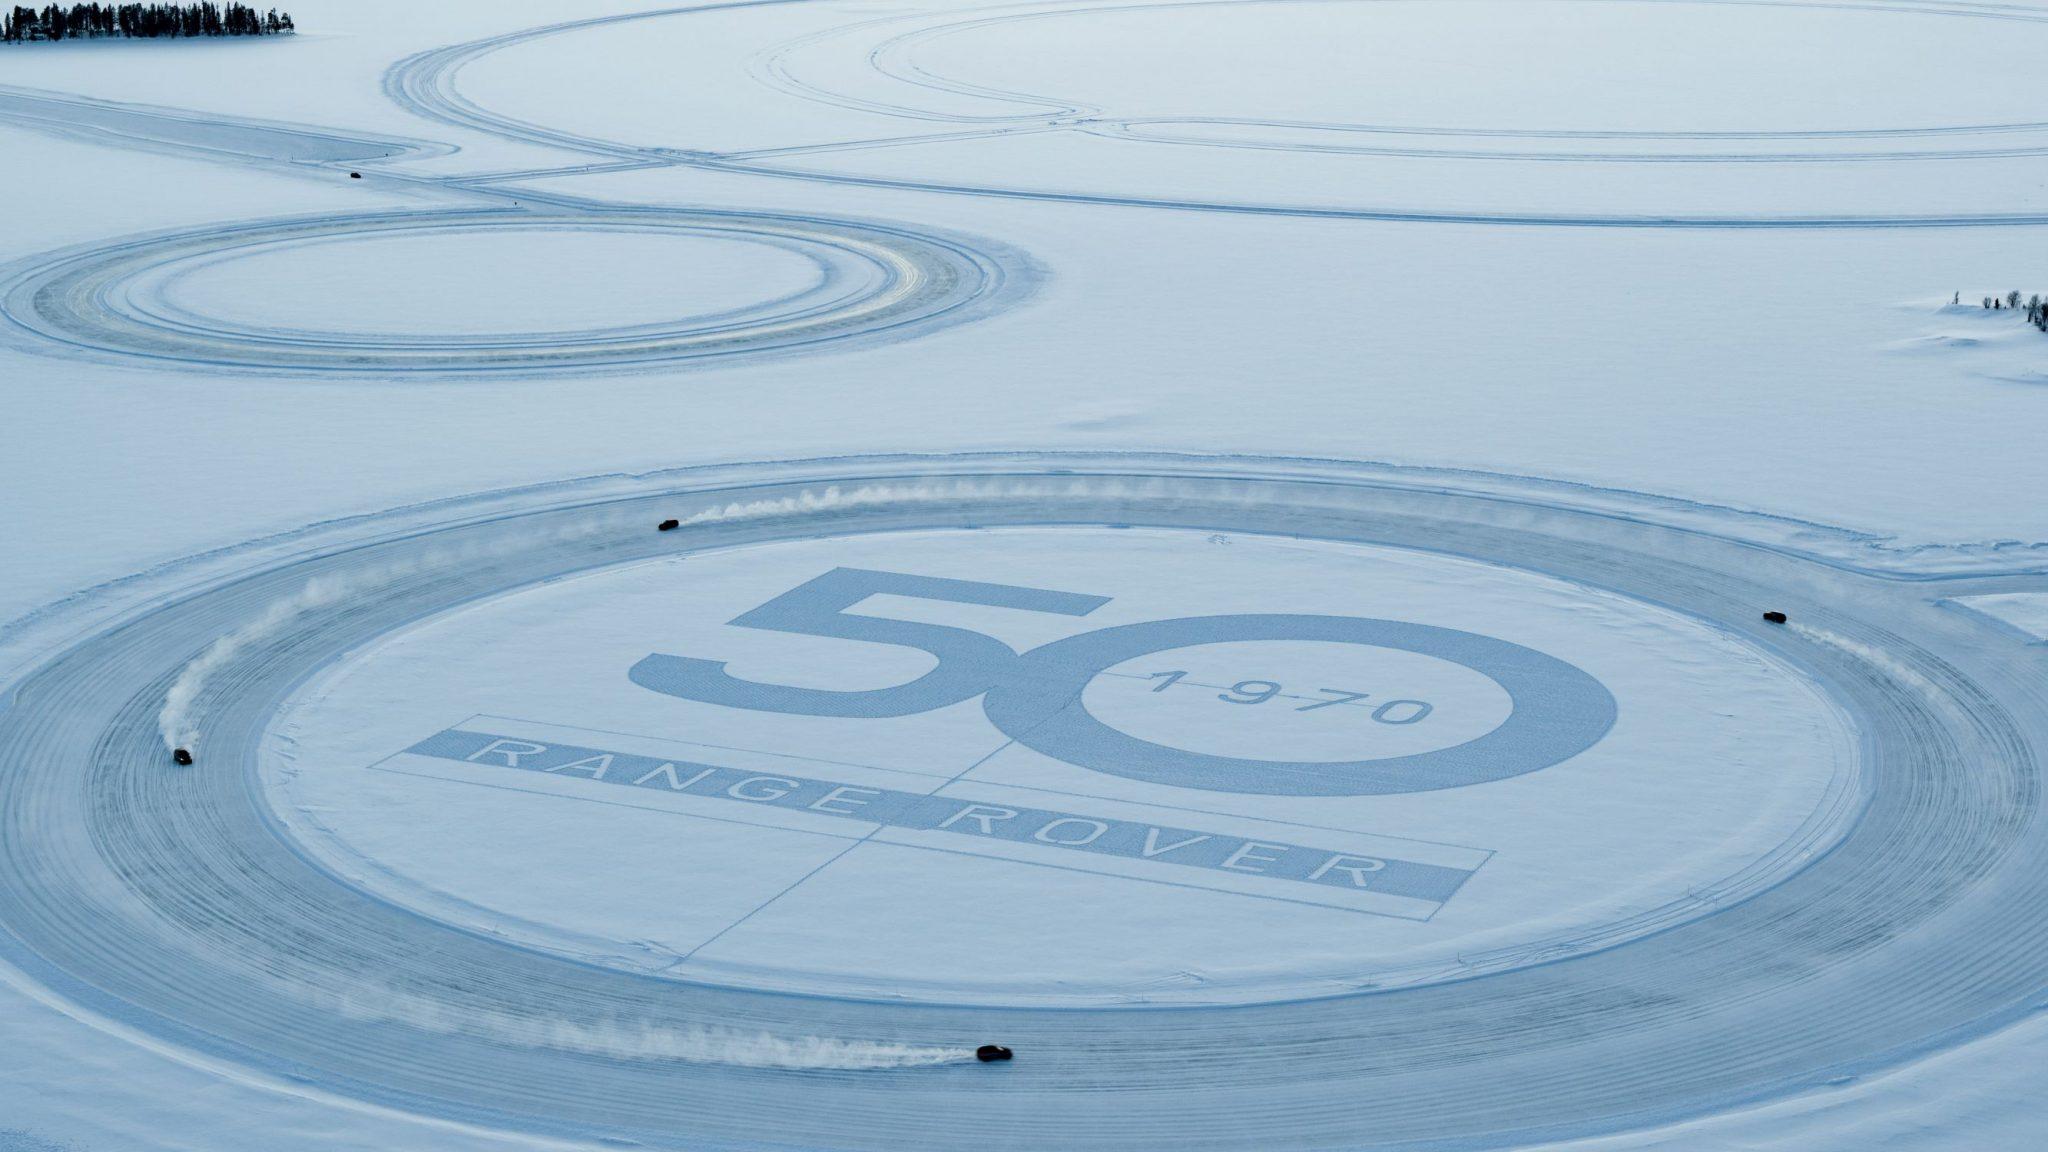 Una medaglia d'oro olimpica e Range Rover sul ghiaccio: cosa può andare storto? thumbnail